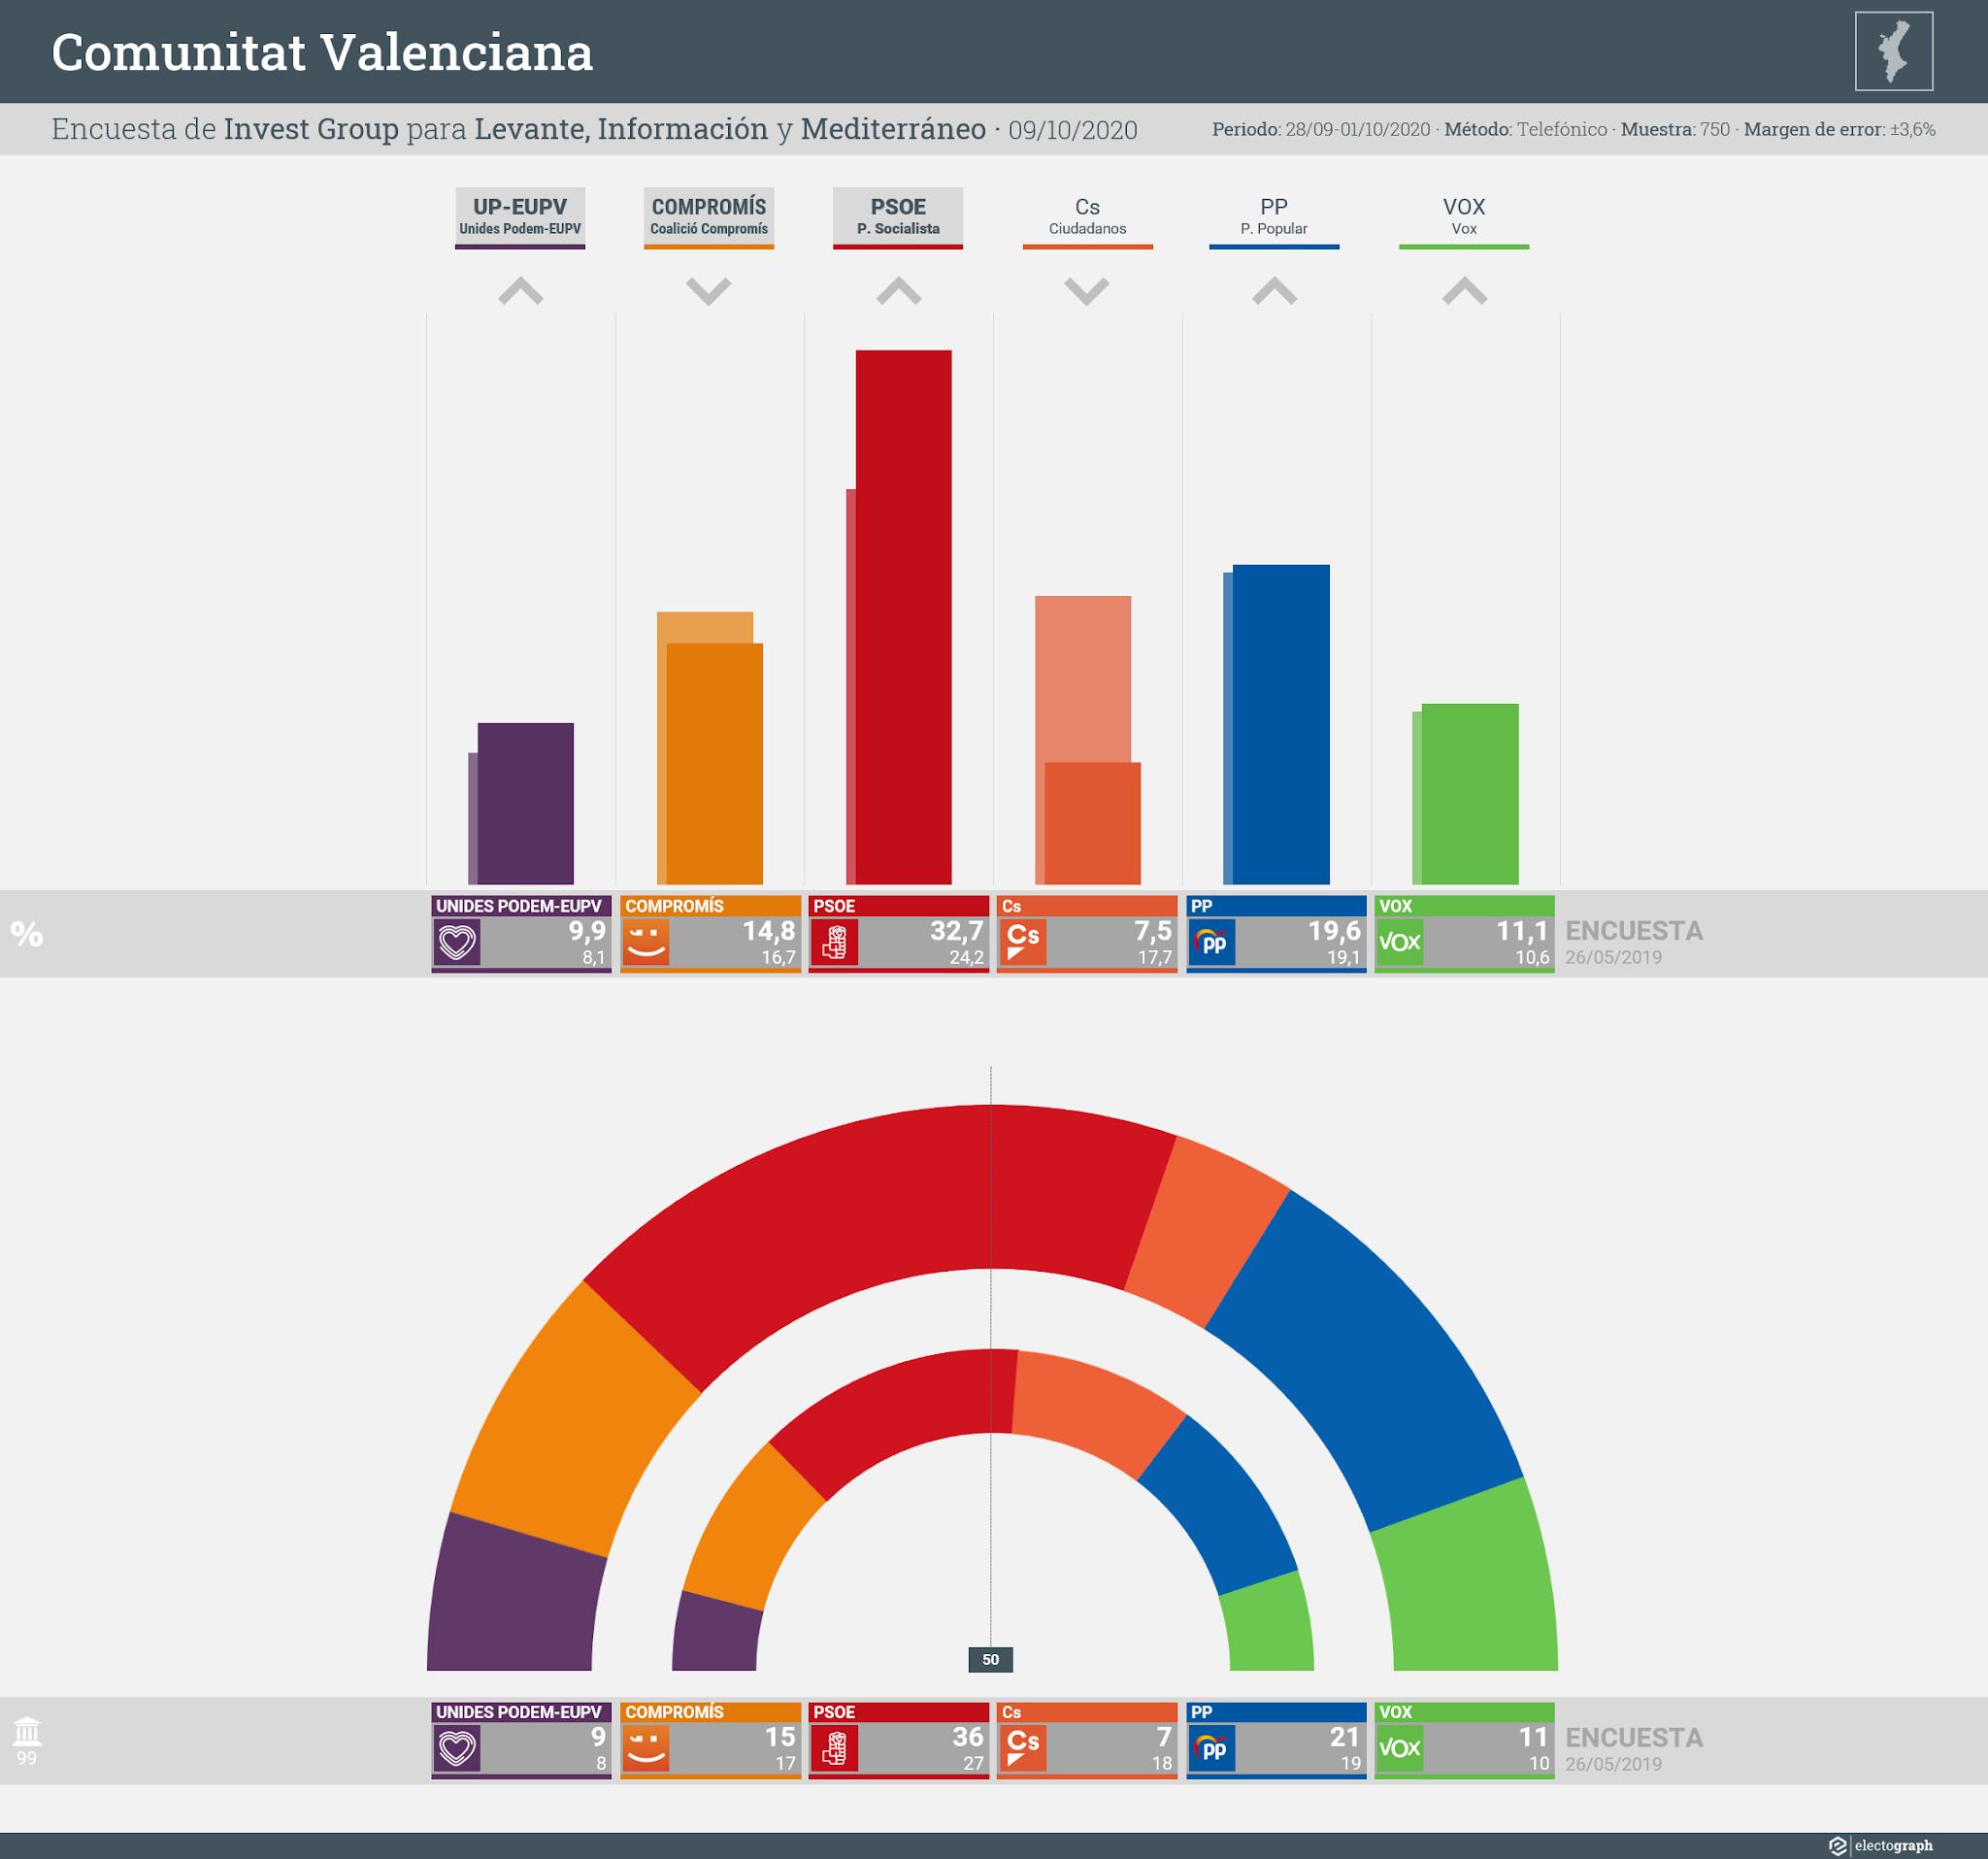 Gráfico de la encuesta para elecciones autonómicas en la Comunidad Valenciana realizada por Invest Group para Prensa Ibérica, 9 de octubre de 2020